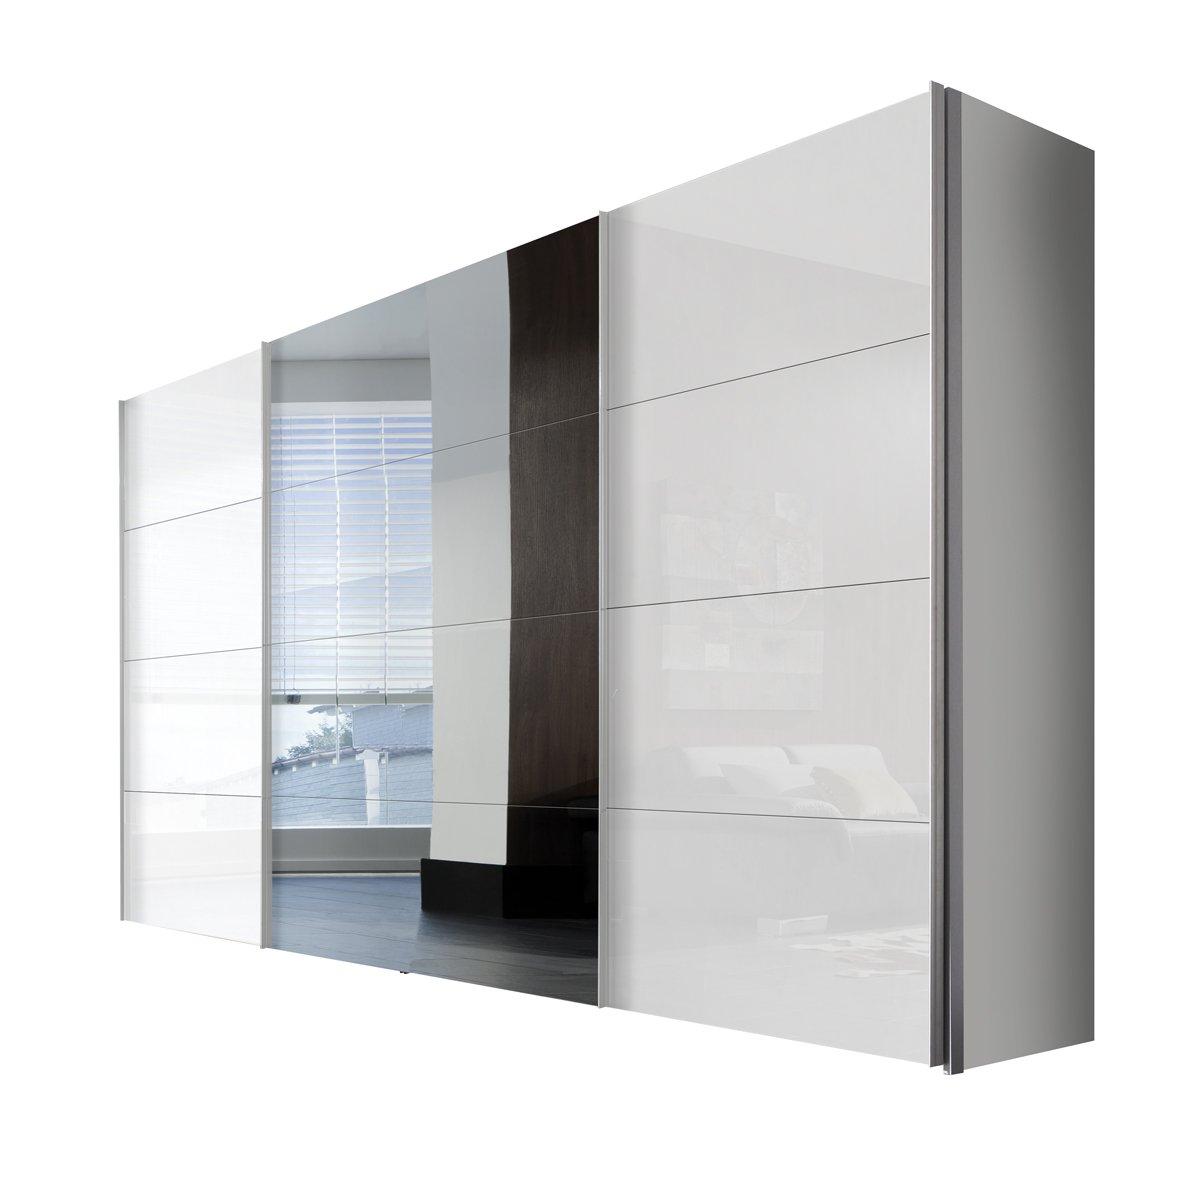 Solutions 47910-203 Schwebetürenschrank 3-türig, Korpus polarweiß, Front lack weiß, Spiegel, Griffleisten alufarben, 68 x 350 x 216 cm